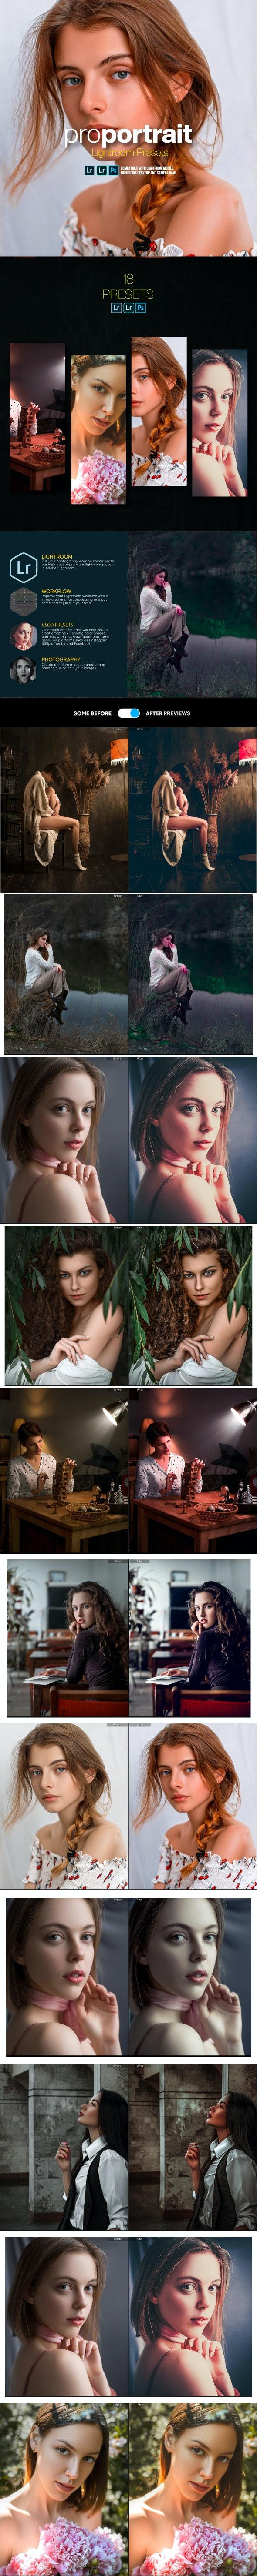 Portrait Lightroom Presets for Desktop and Mobile - Portrait Lightroom Presets